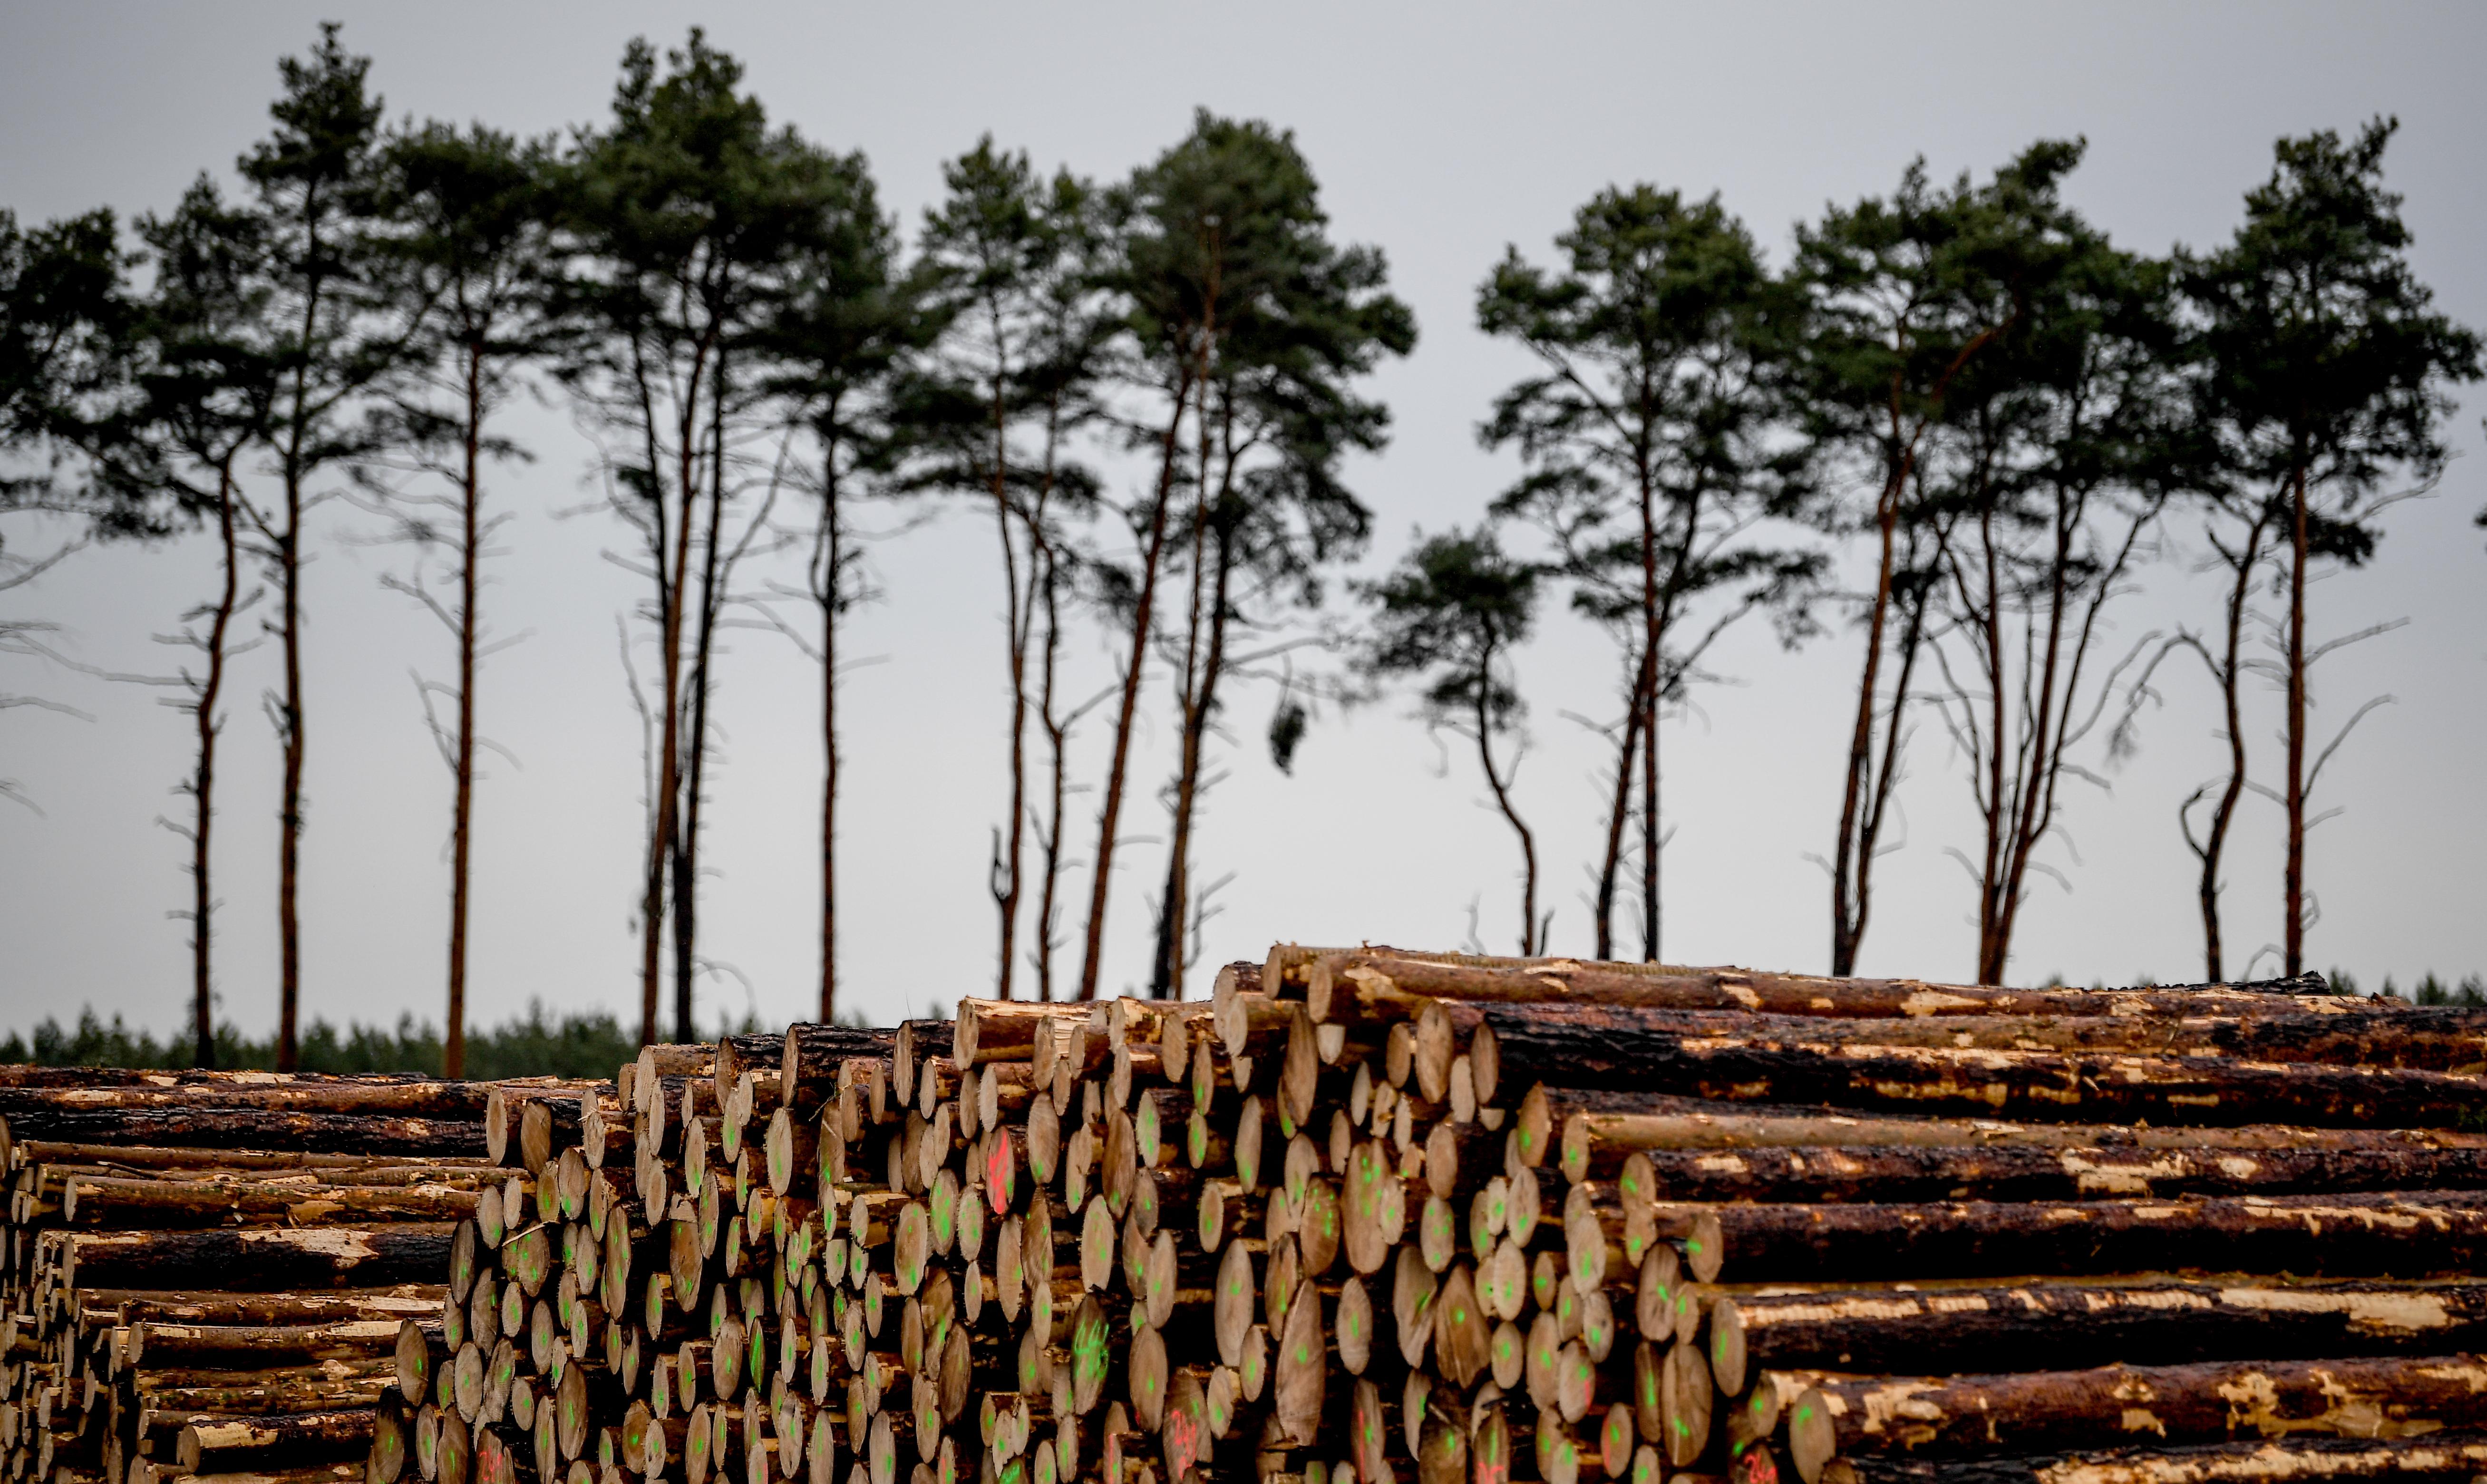 Az épülő Tesla-gyár miatt 92 hektárnyi erdőt vágnának ki Berlin mellett, de egy német bíróság most közbelépett